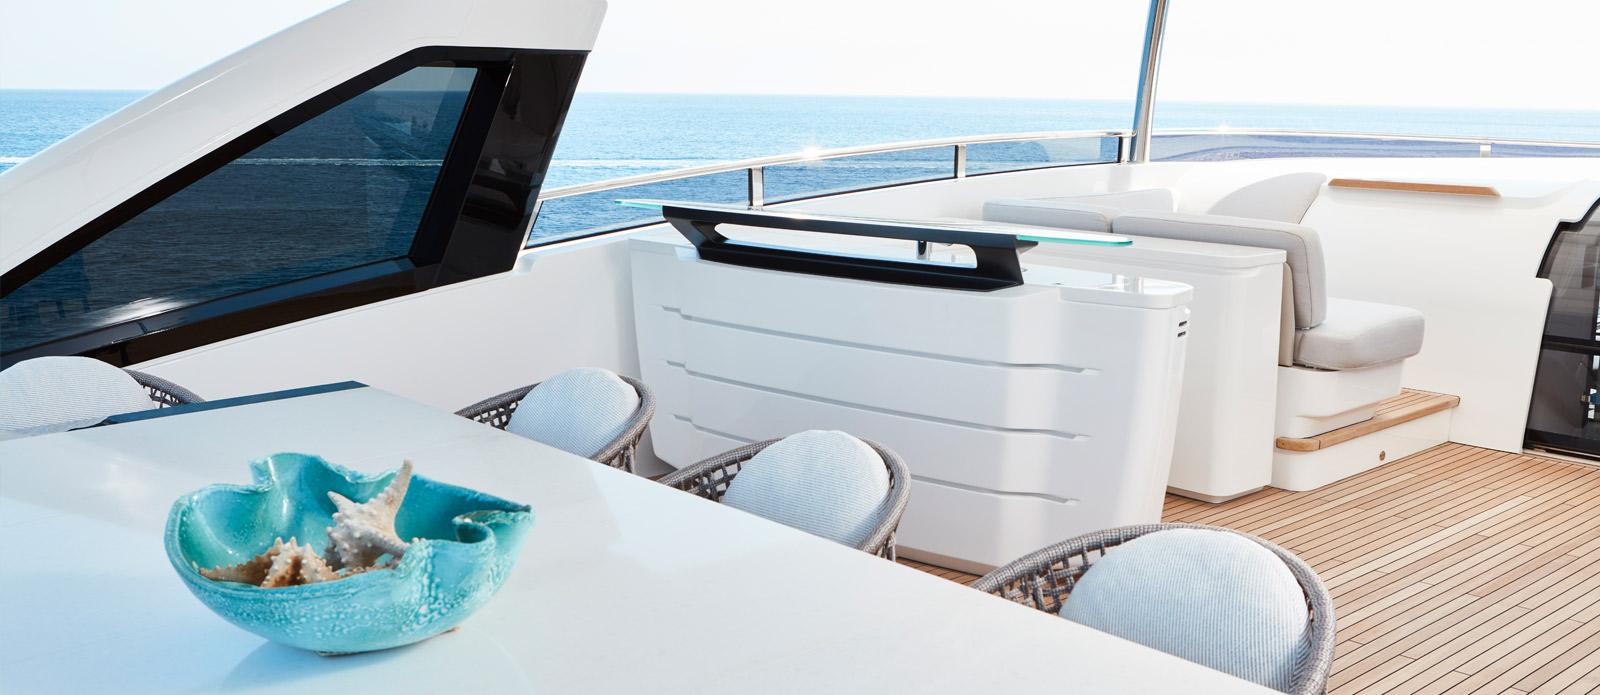 Princess 30 Metre Yacht Bandazul - Bar